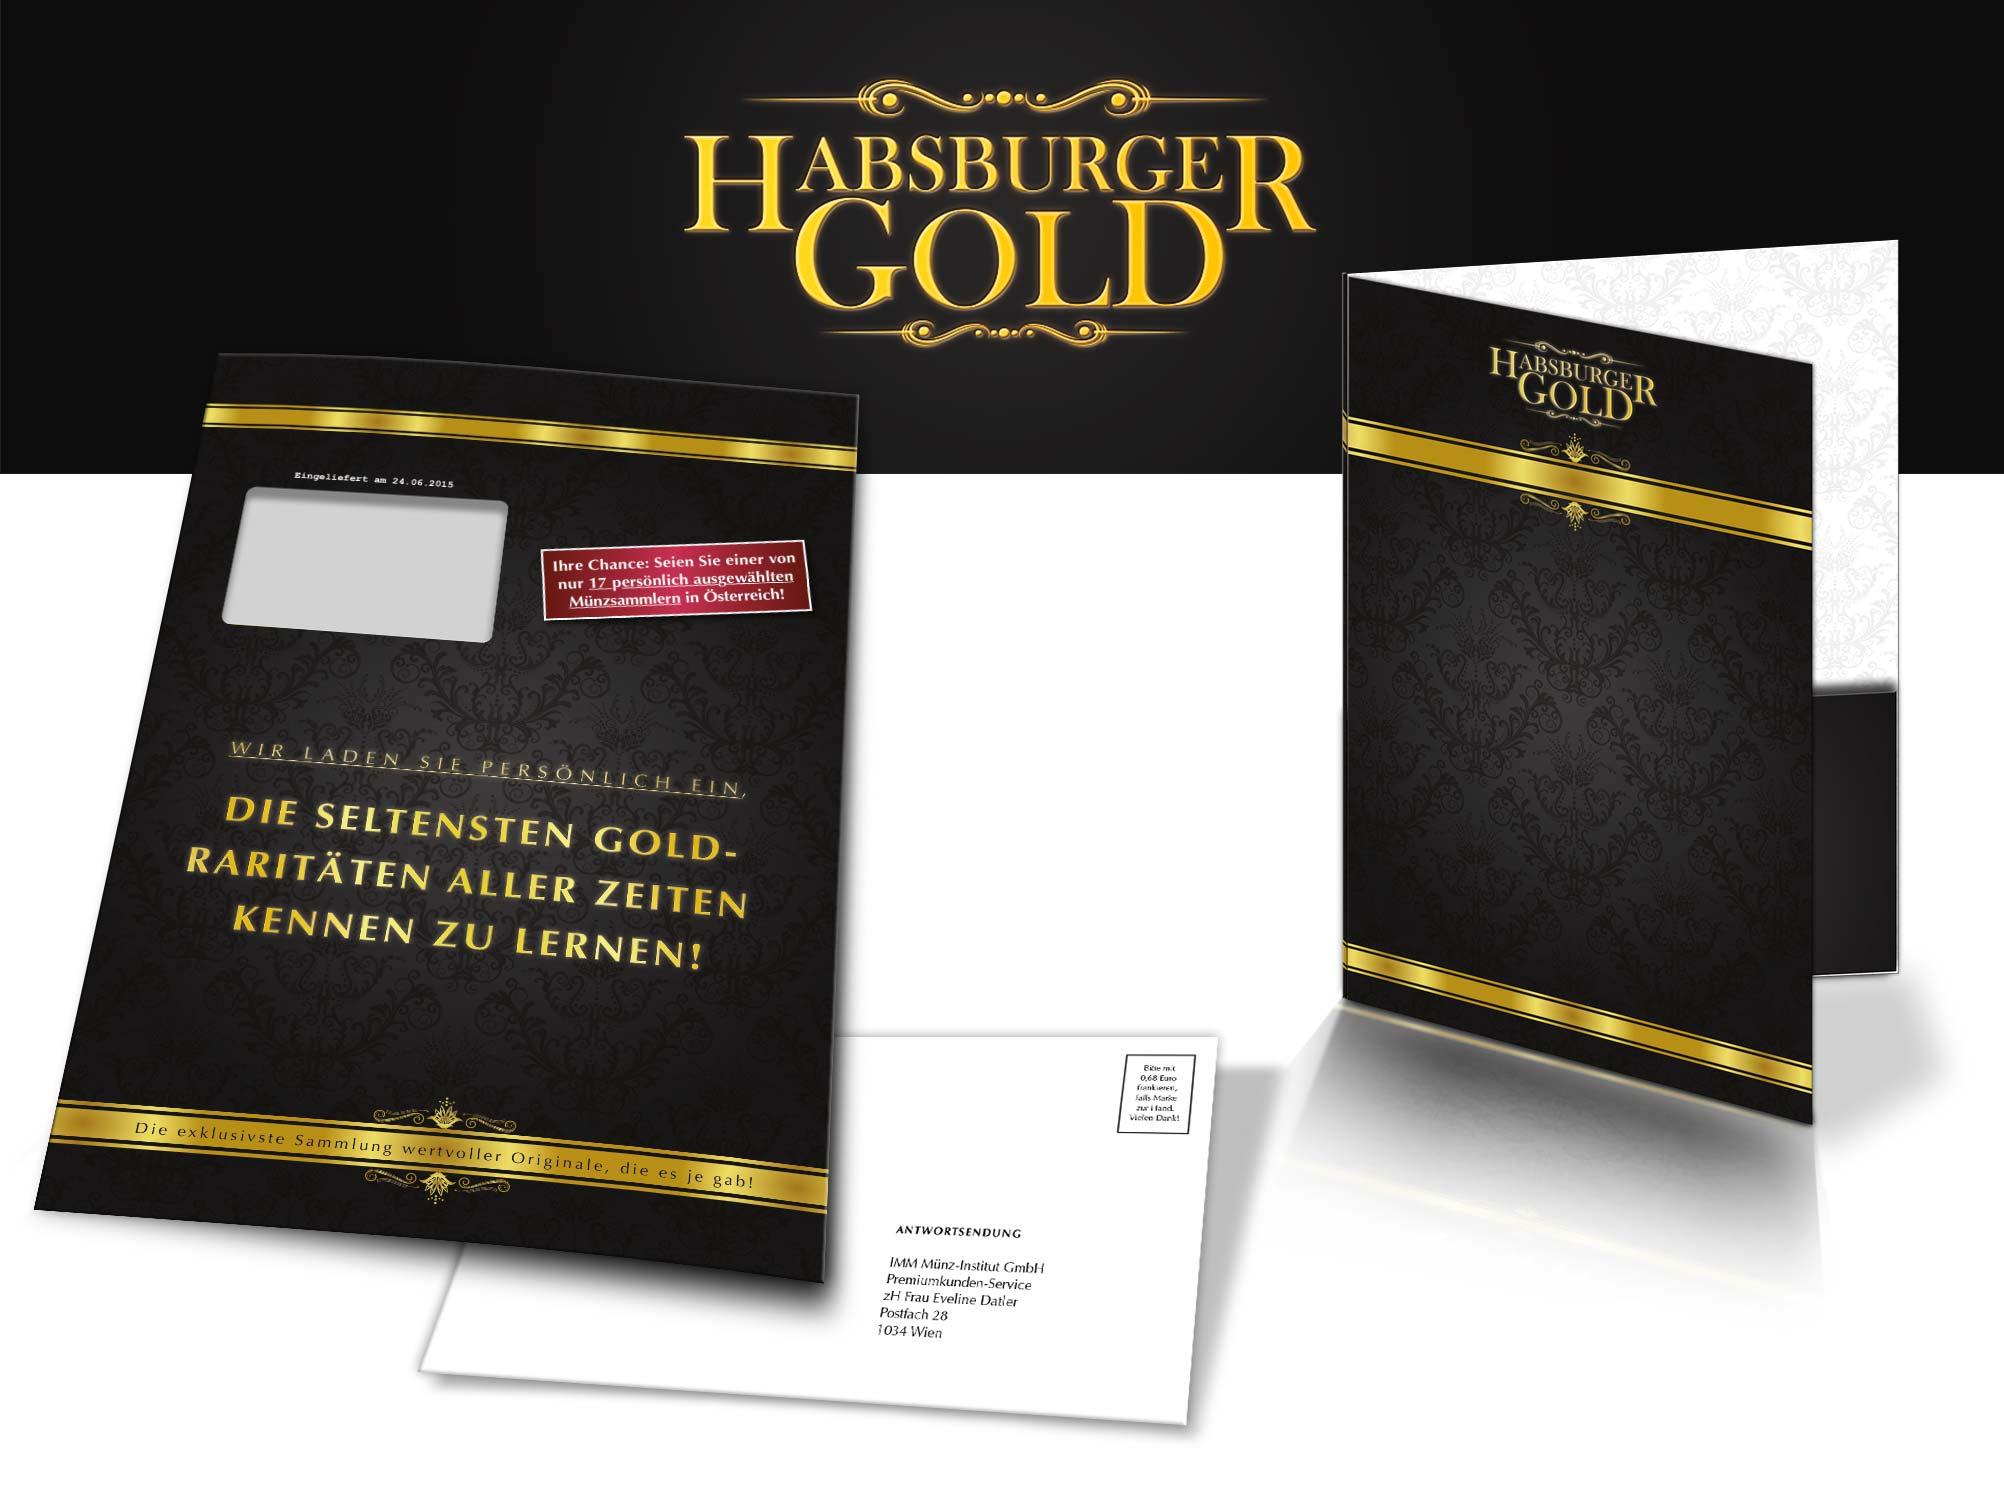 Habsburger Gold Zubehör 2